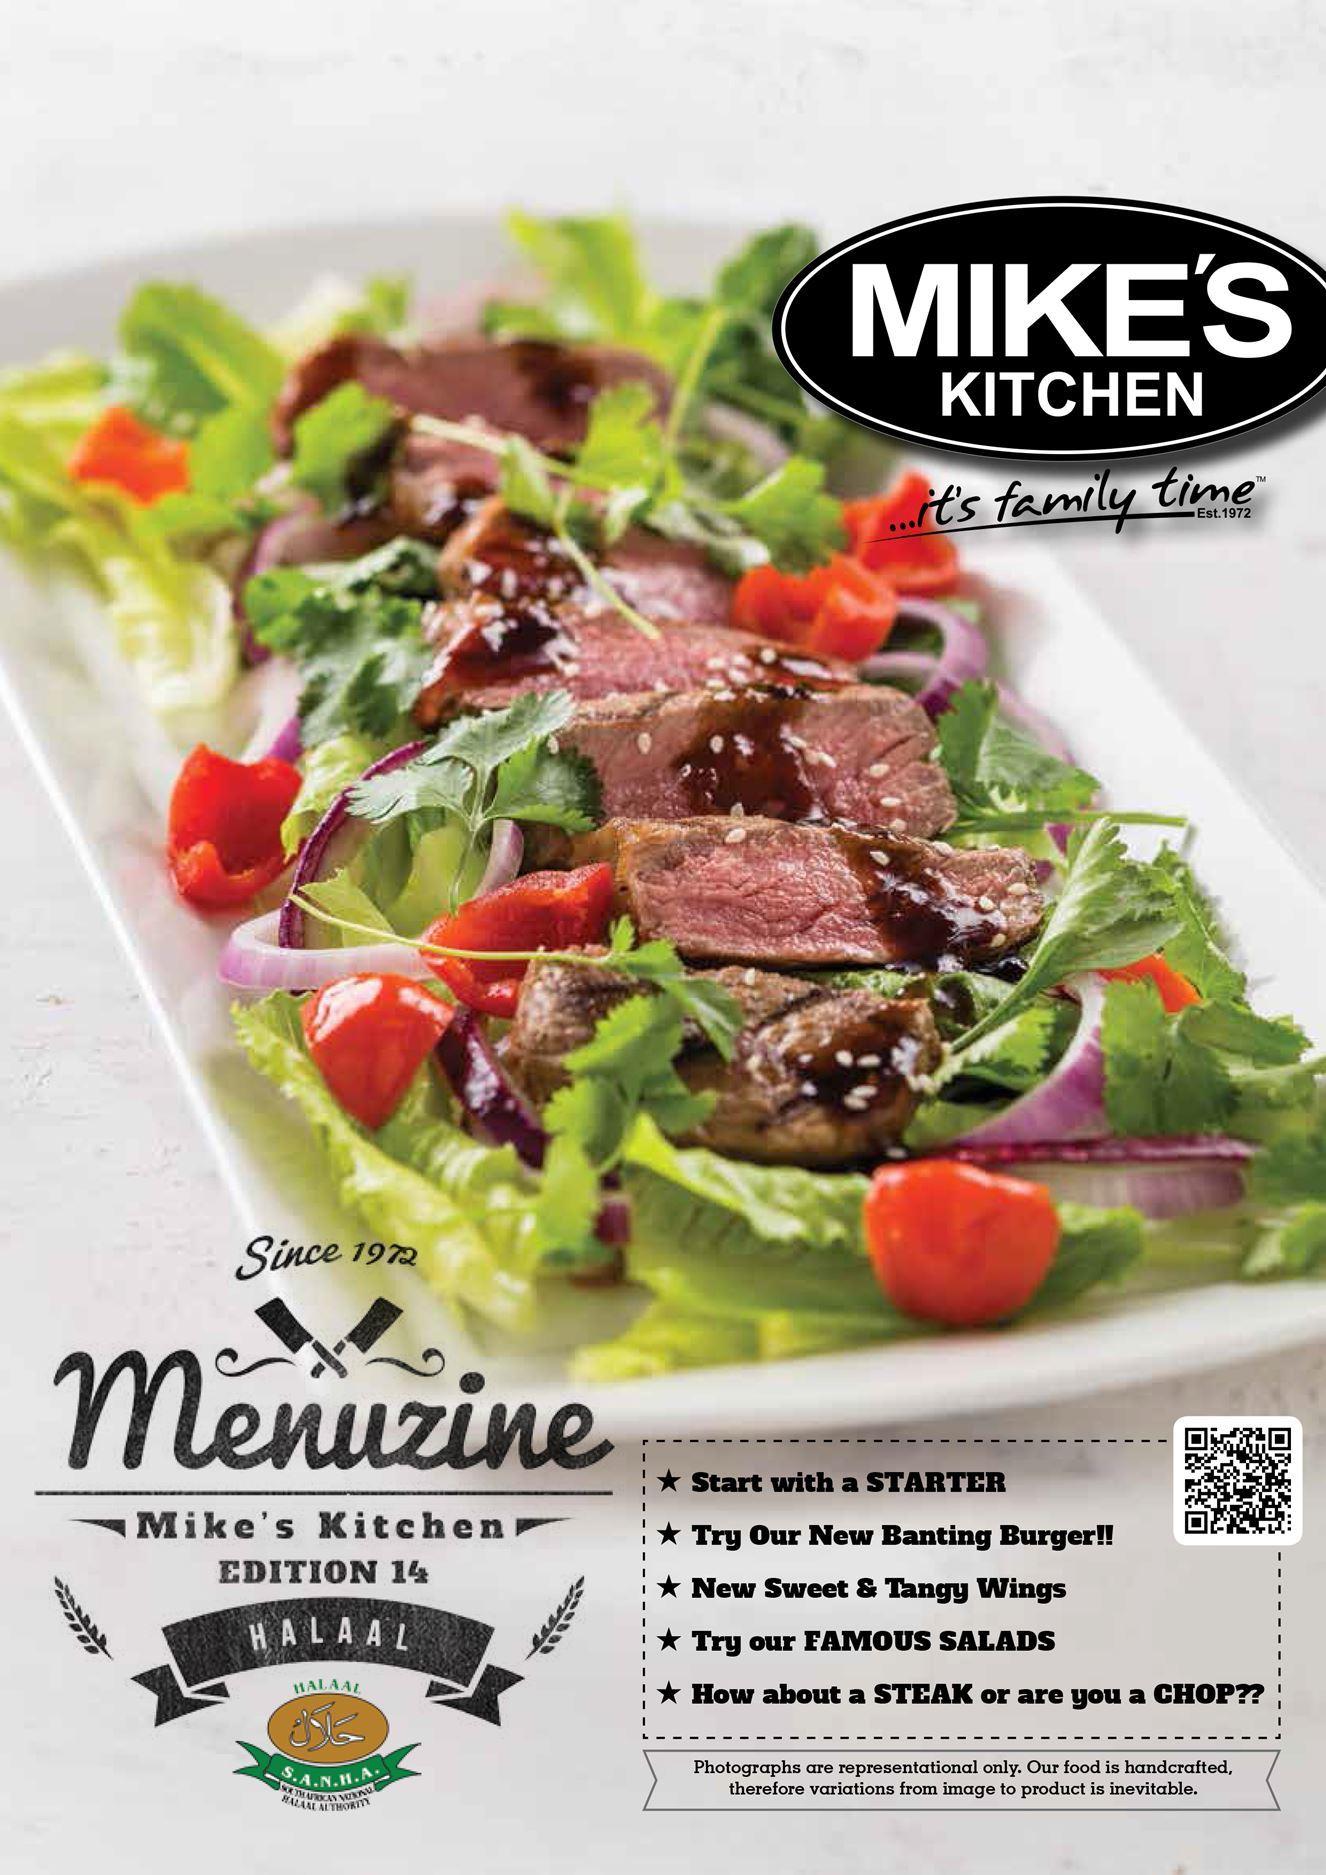 Mikes Kitchen